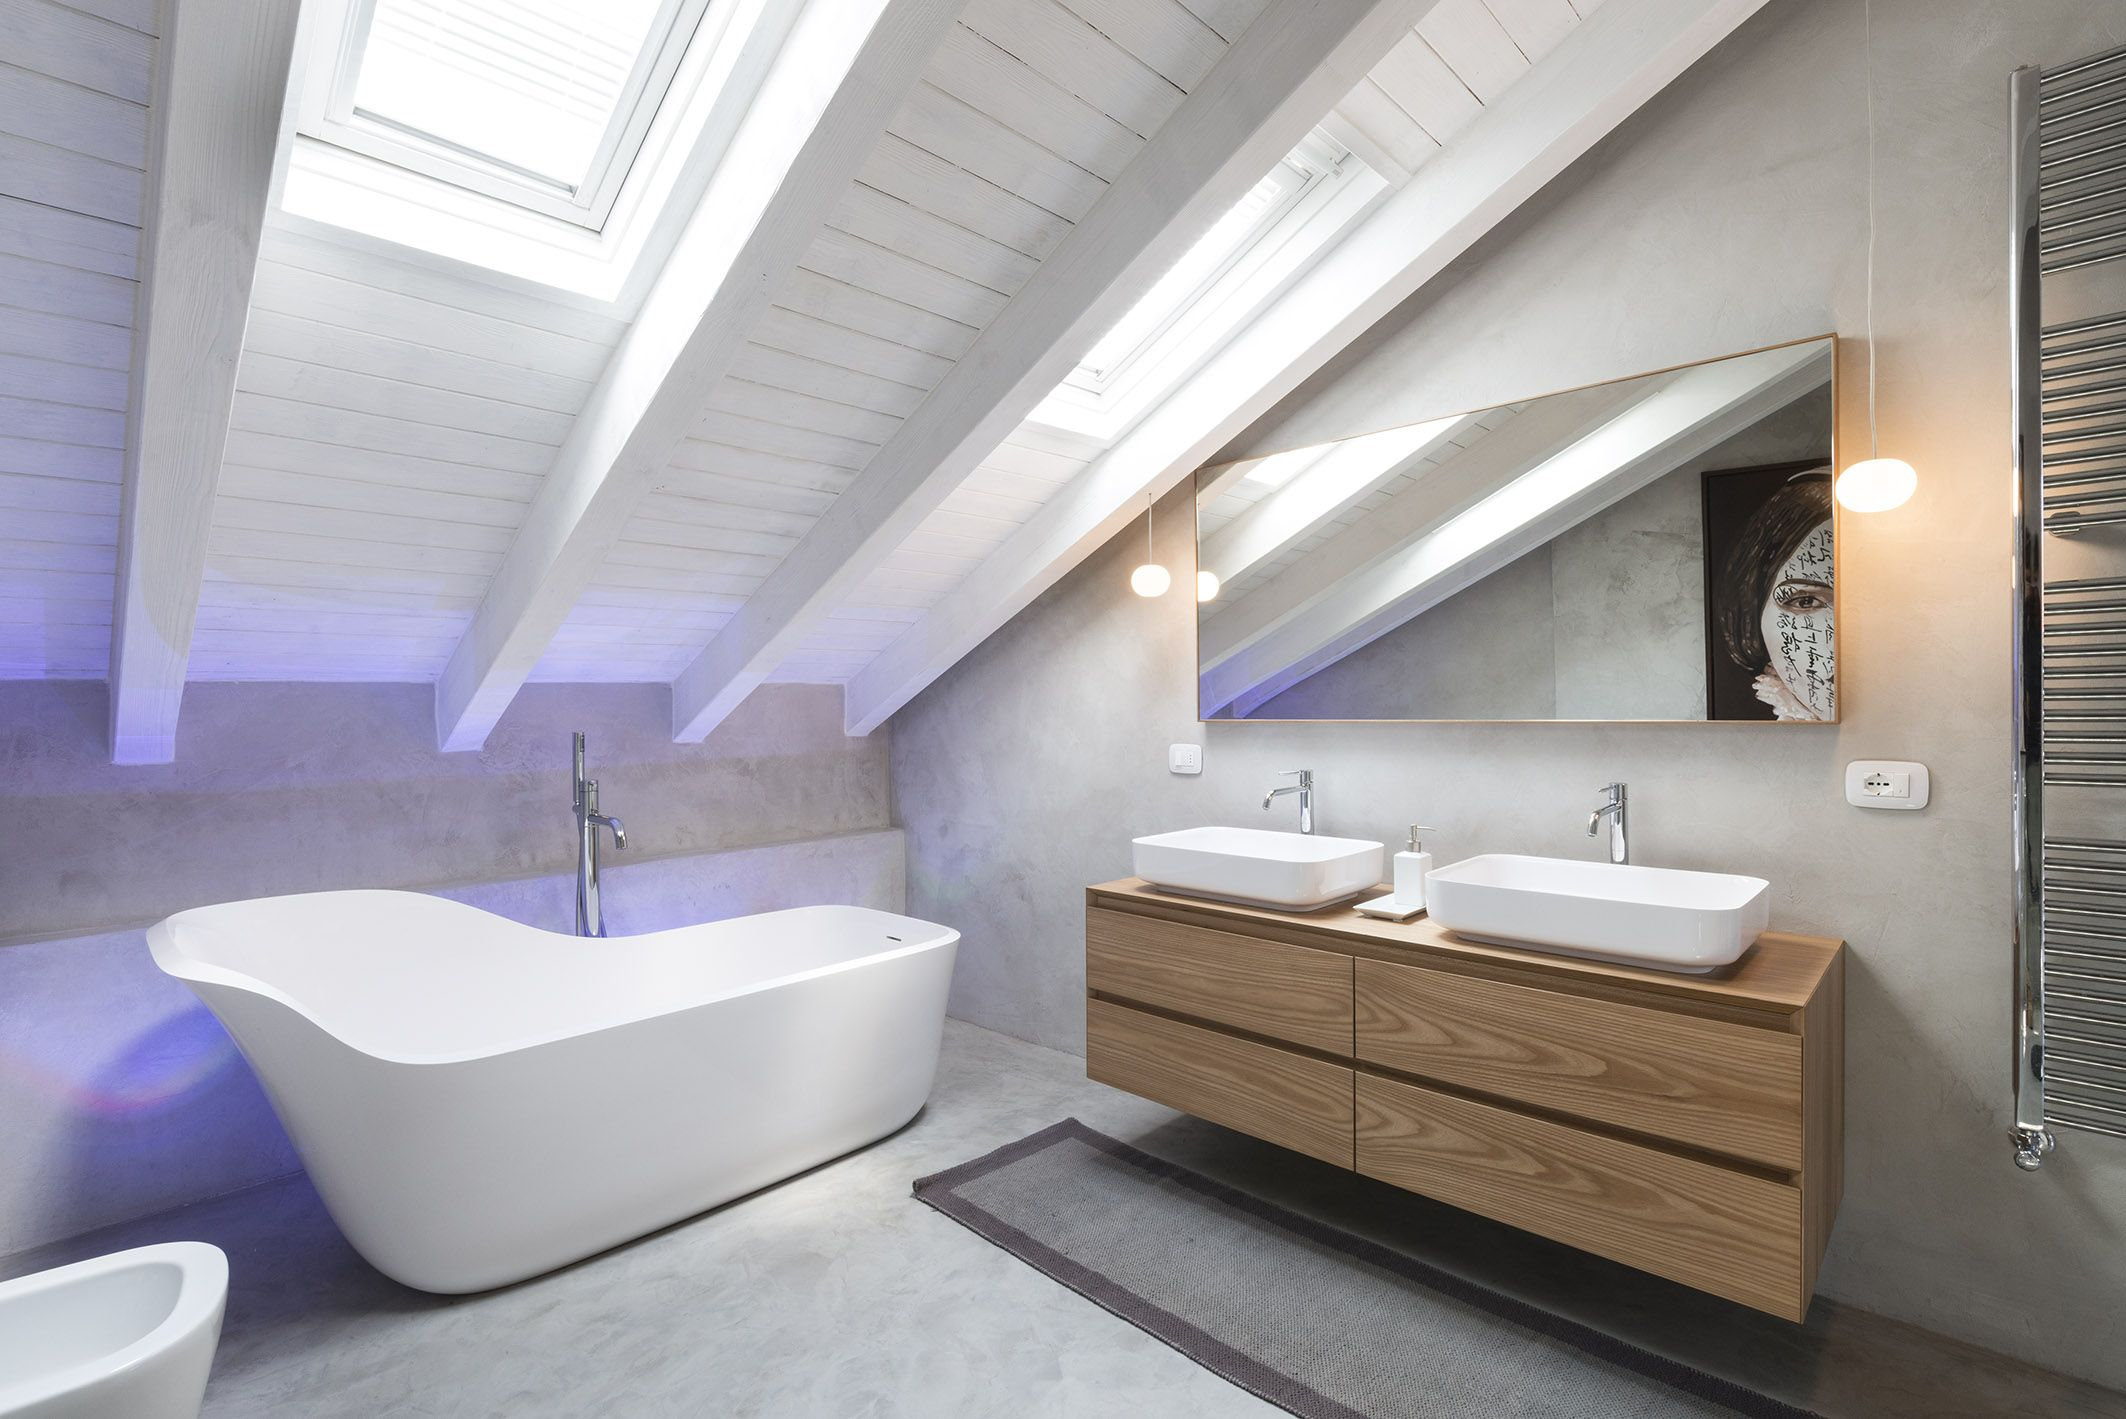 In bagno dietro la vasca freestanding per creare un effetto